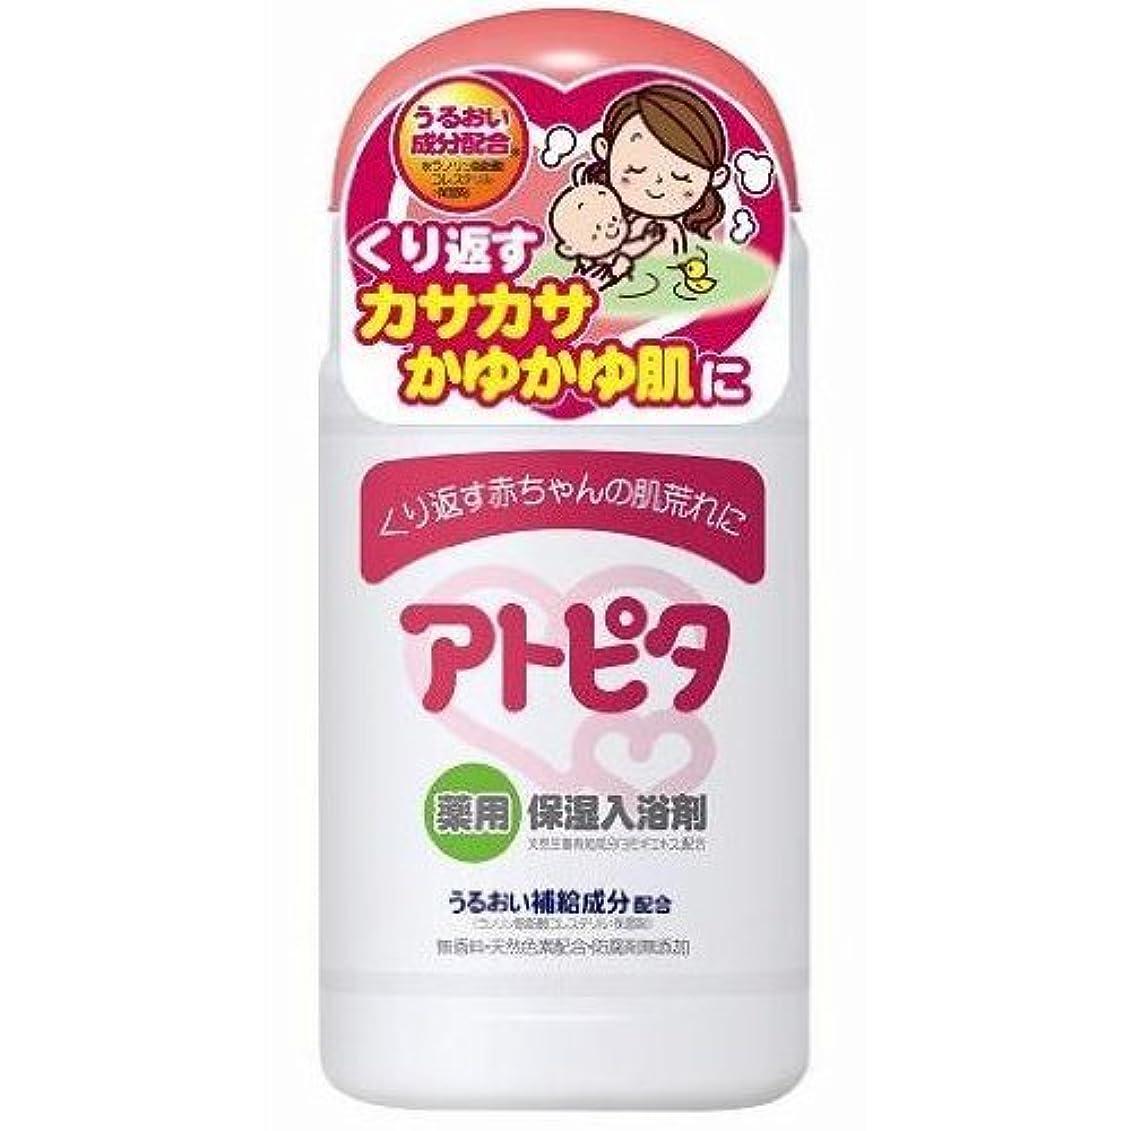 モンスター株式会社封筒アトピタ薬用入浴剤 500g